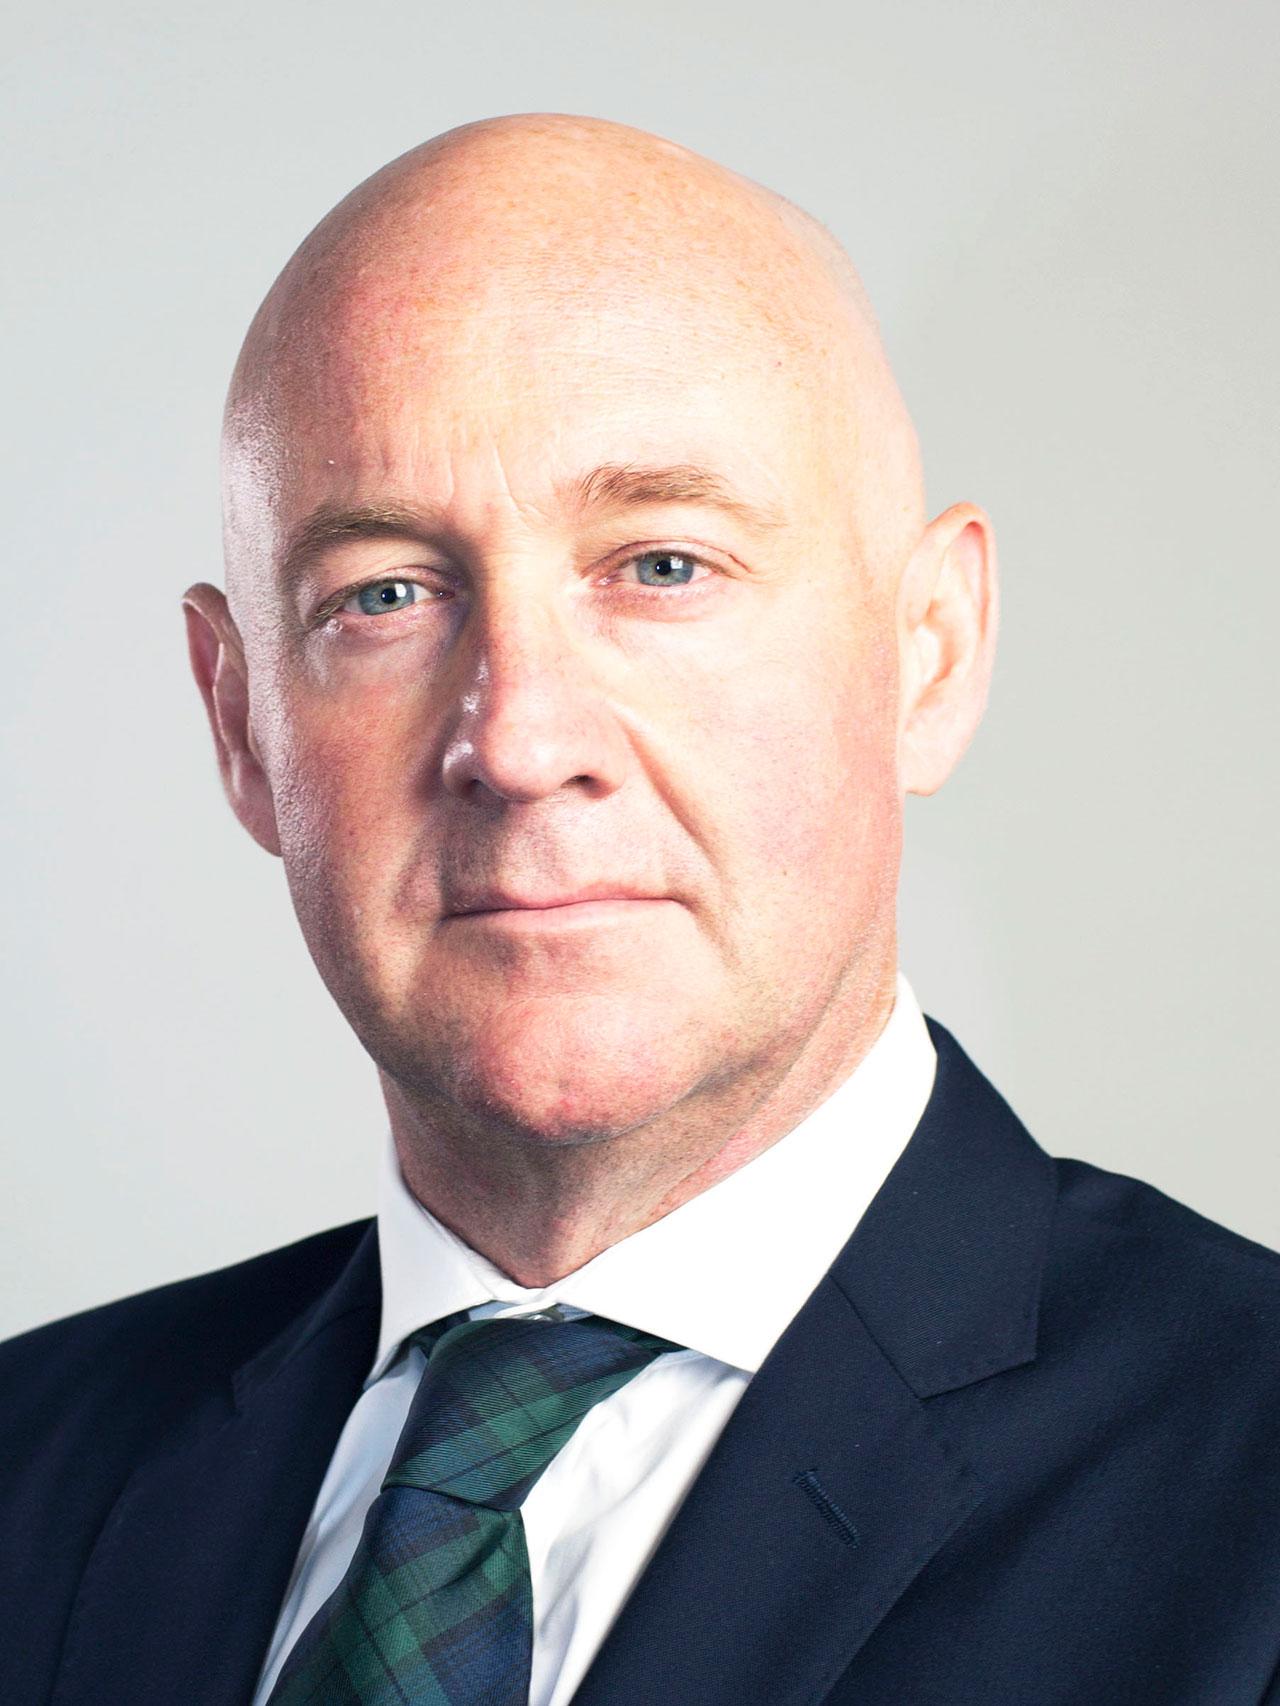 Stuart Mccullough